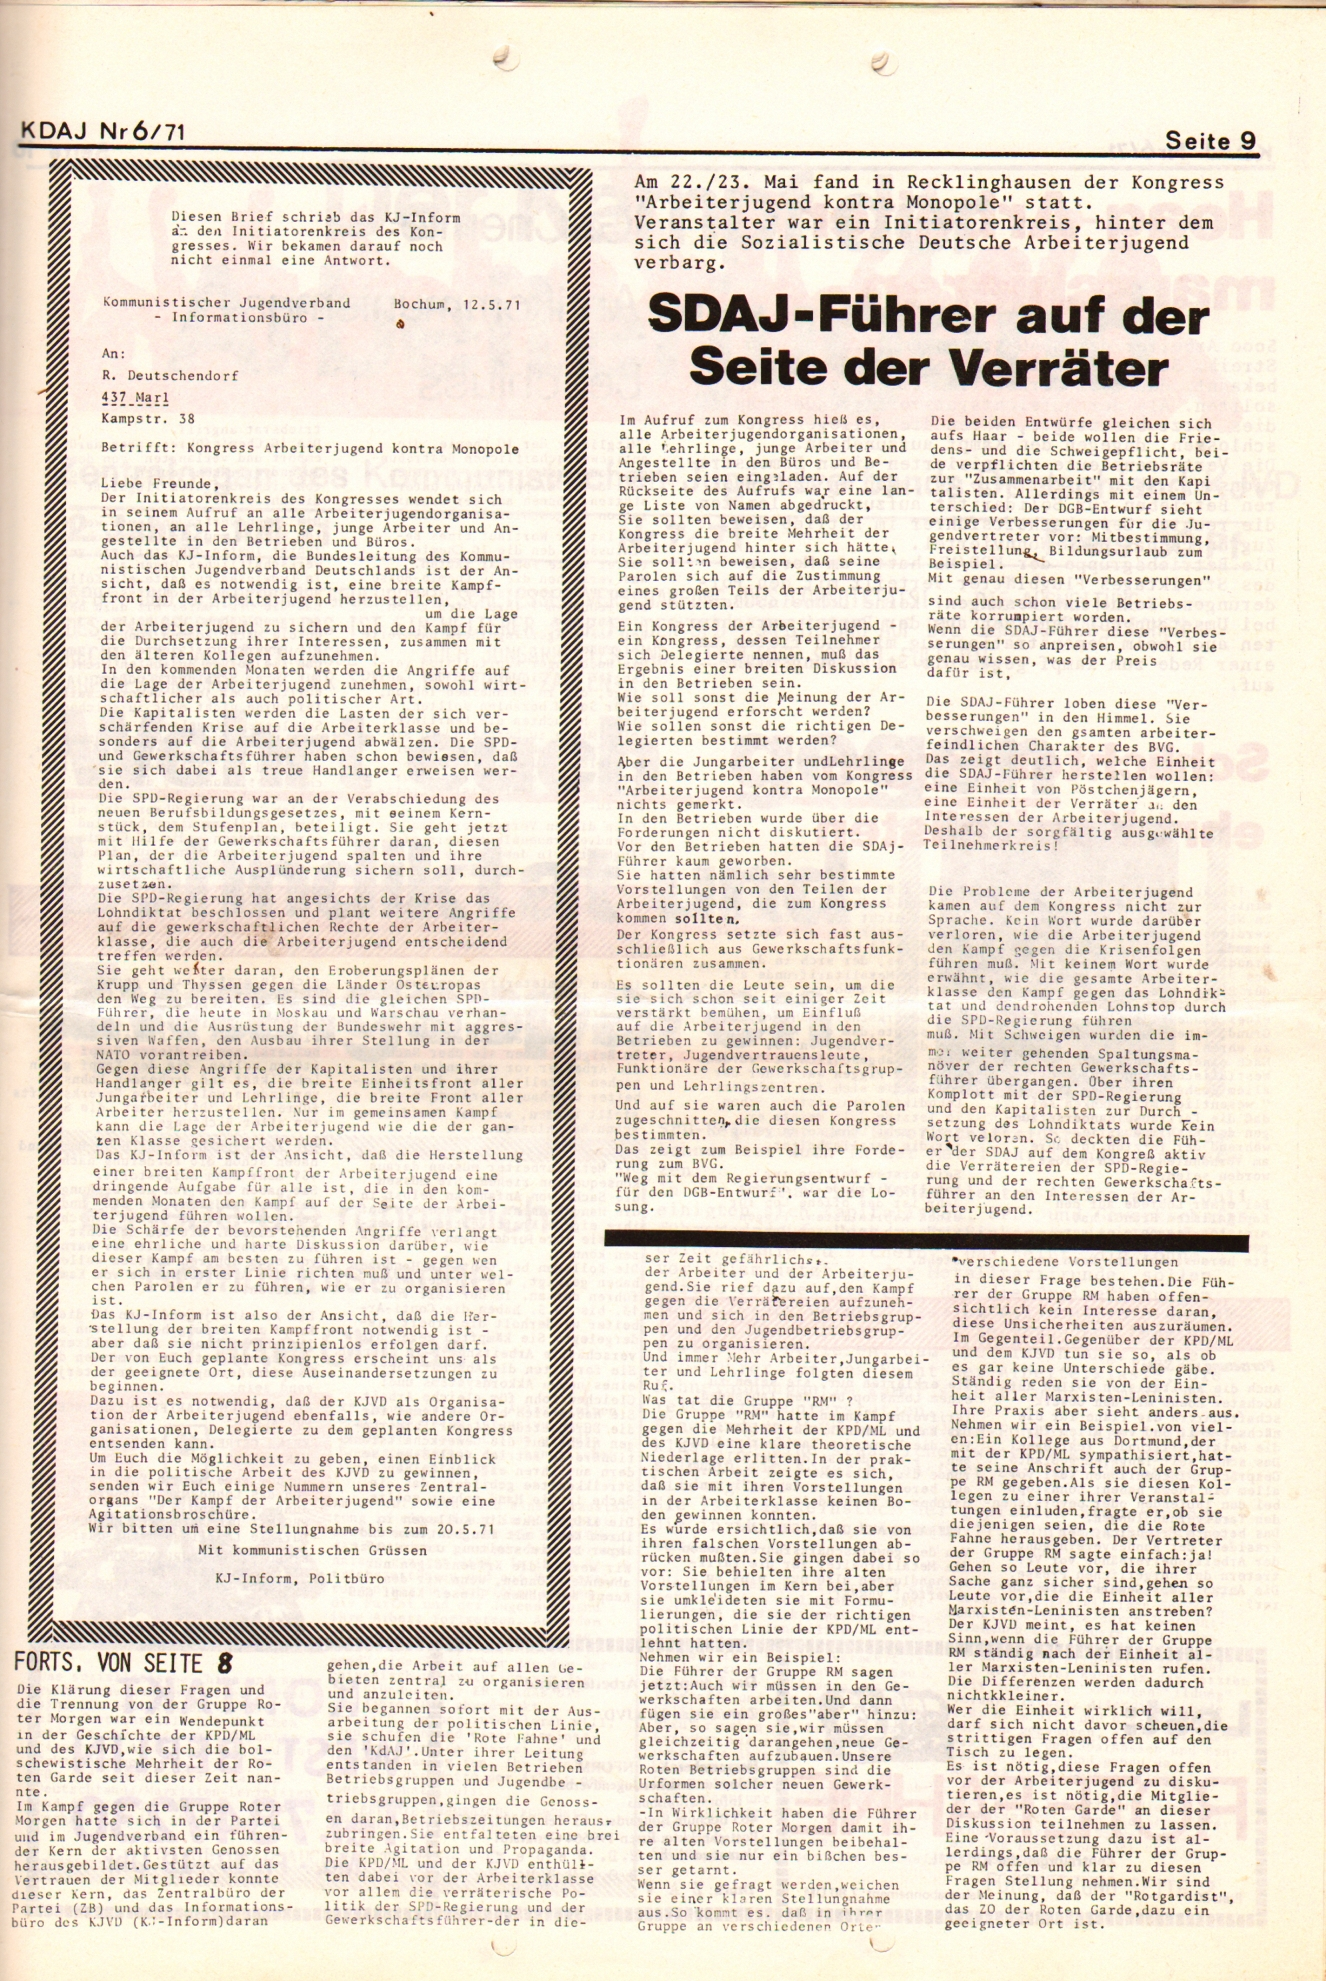 KDAJ, 2. Jg., Juni 1971, Nr. 6, Seite 9